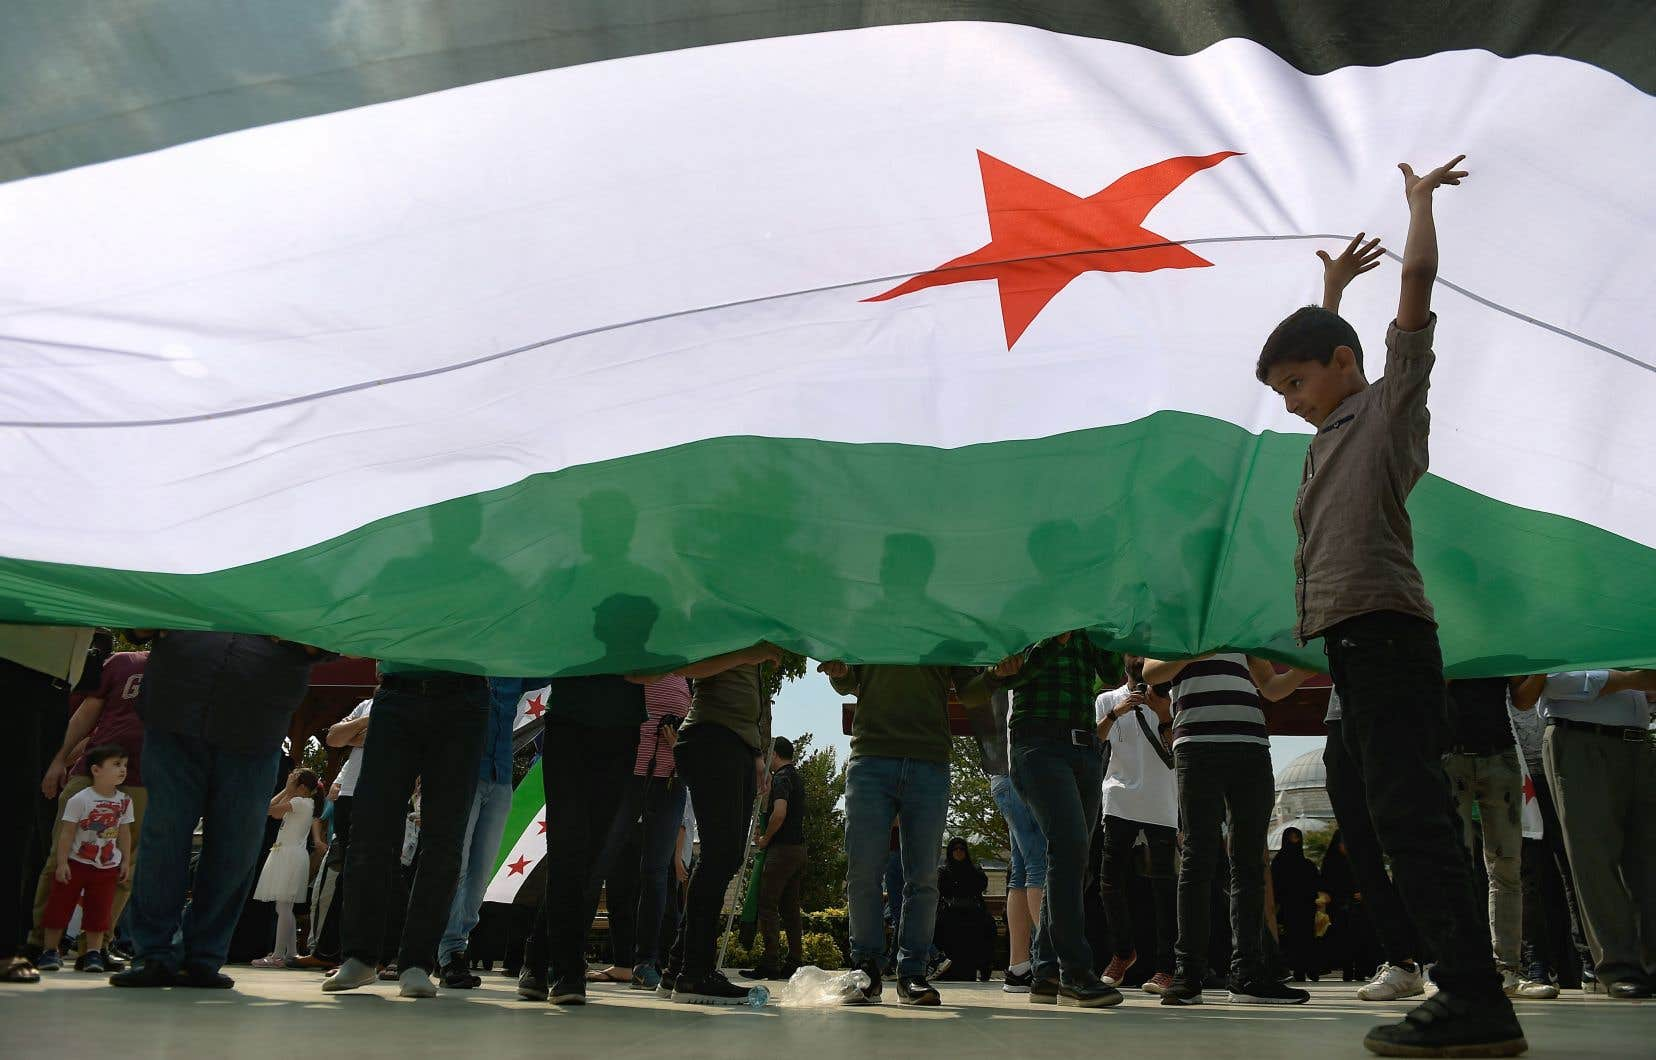 Un enfant s'est placé sous un drapeau de l'Armée syrienne libre, au cours d'une manifestation vendredi à Istanbul en Turquie contre une opération militaire syrienne dans la région d'Idleb.